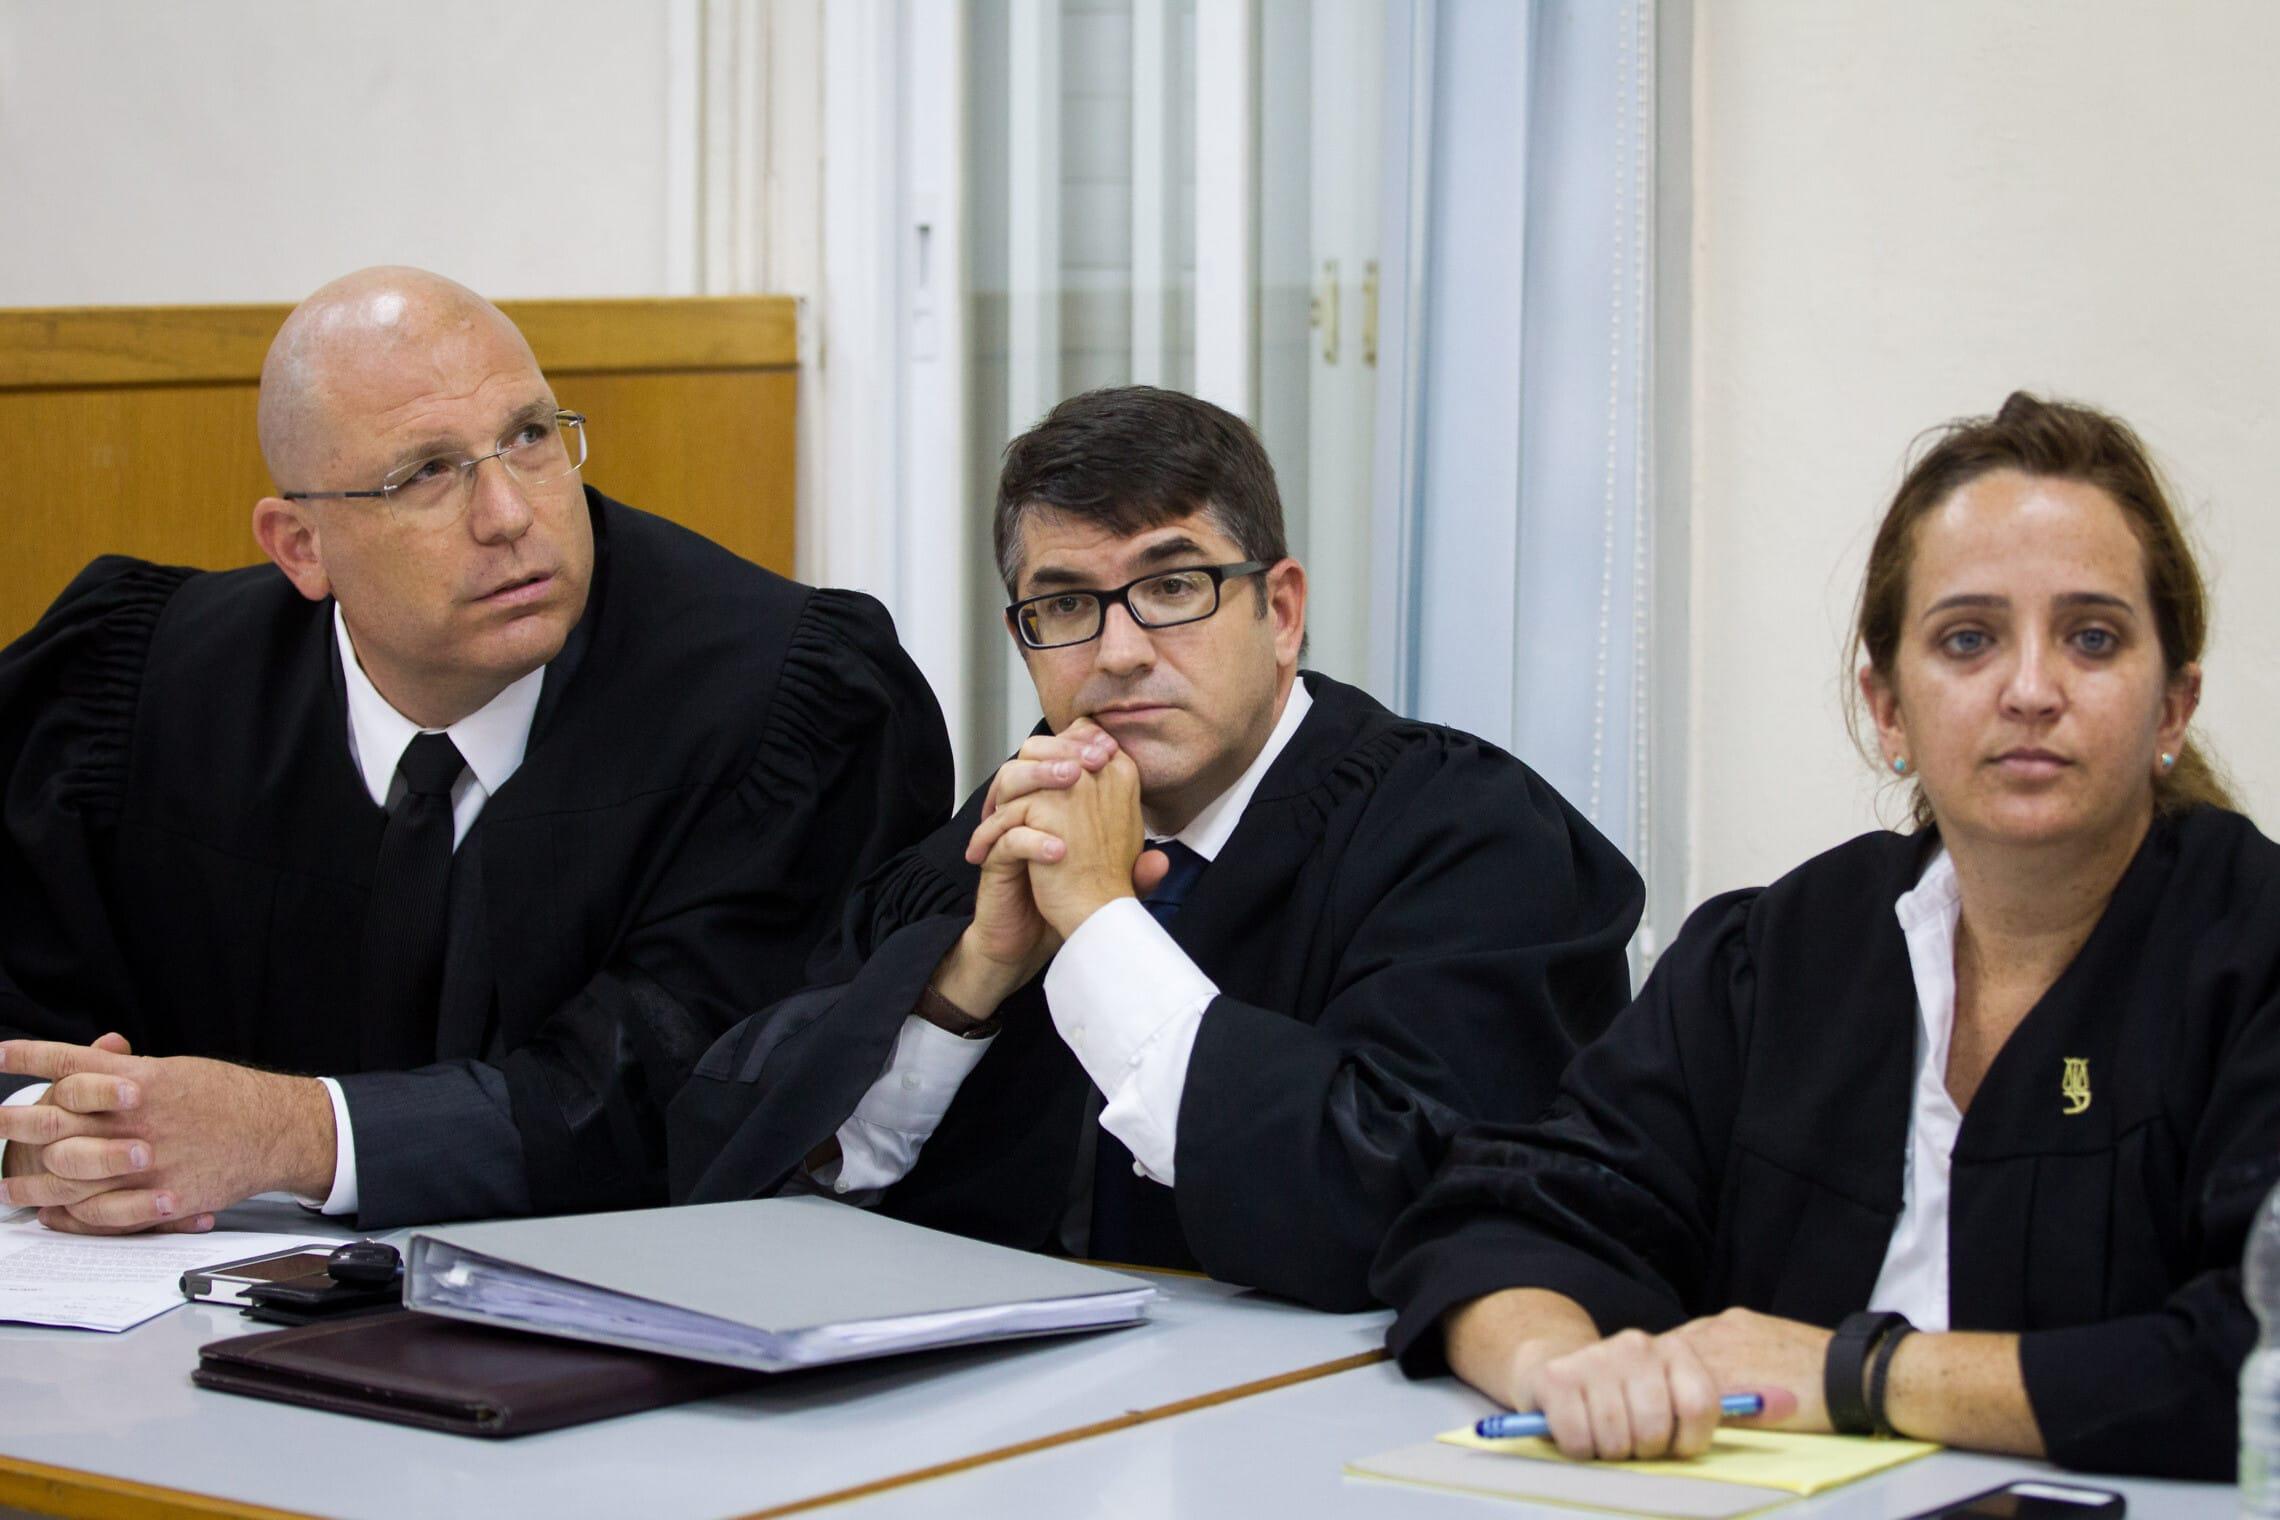 צוות ההגנה במשפטו של אופק בוכריס: עורכי הדין רועי בלכר, עודד סבוראי ומיה שגיא (צילום: Miriam Alster/FLASh90)